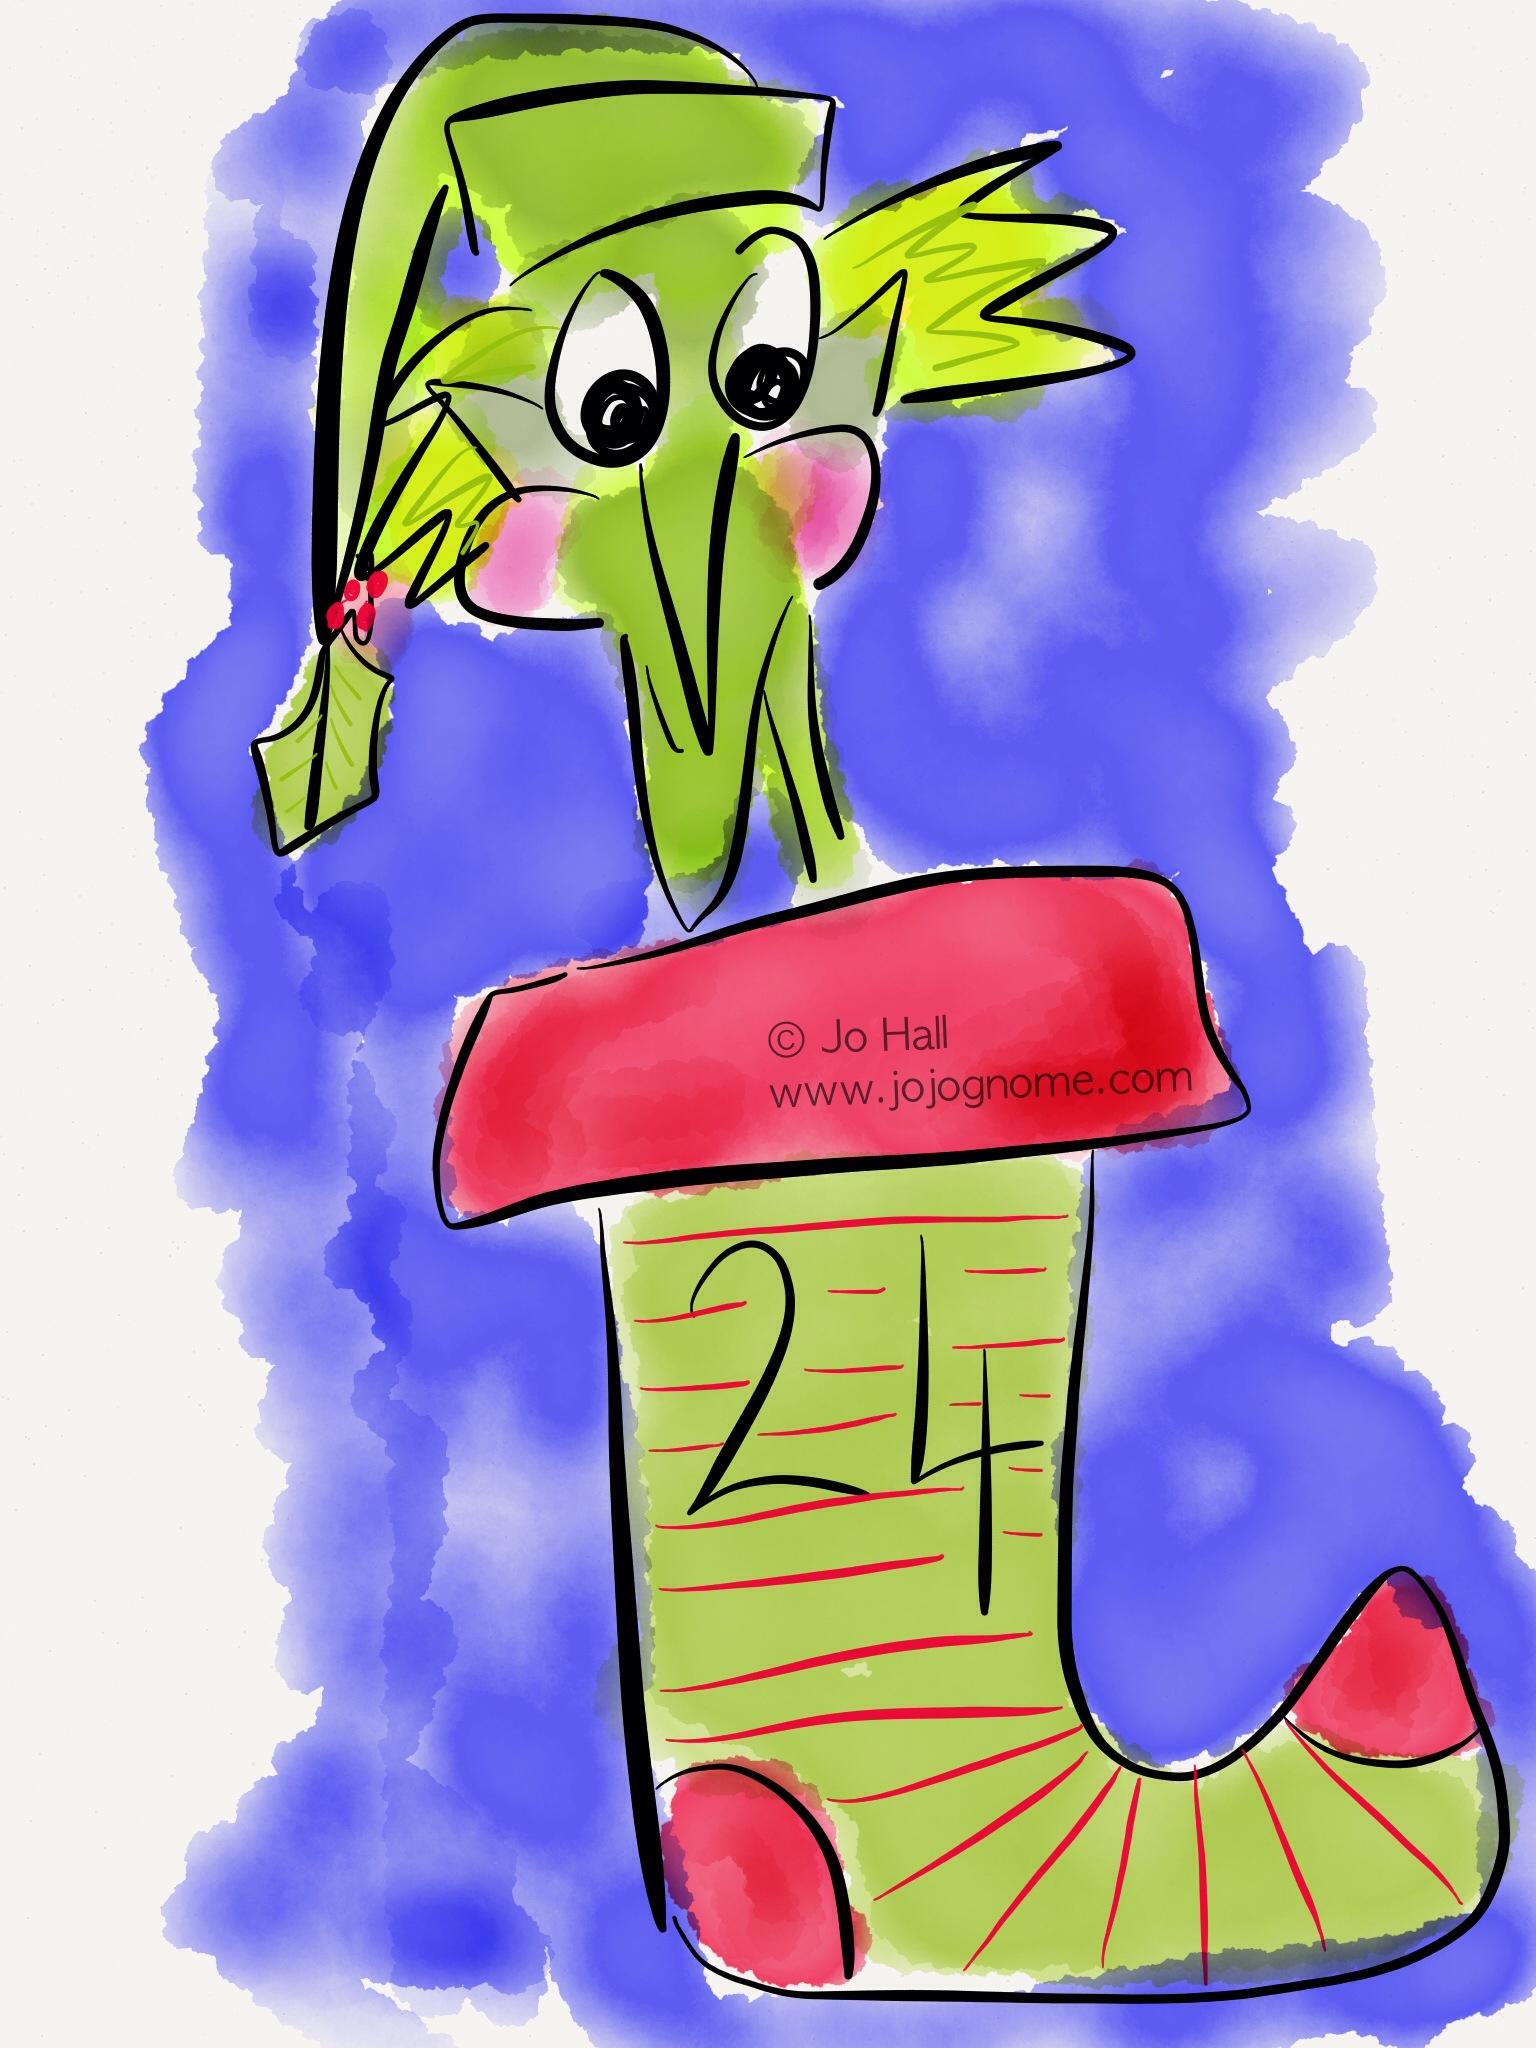 JoJo Gnome\'s Christmas Calendar – Day 24   JoJoGnome